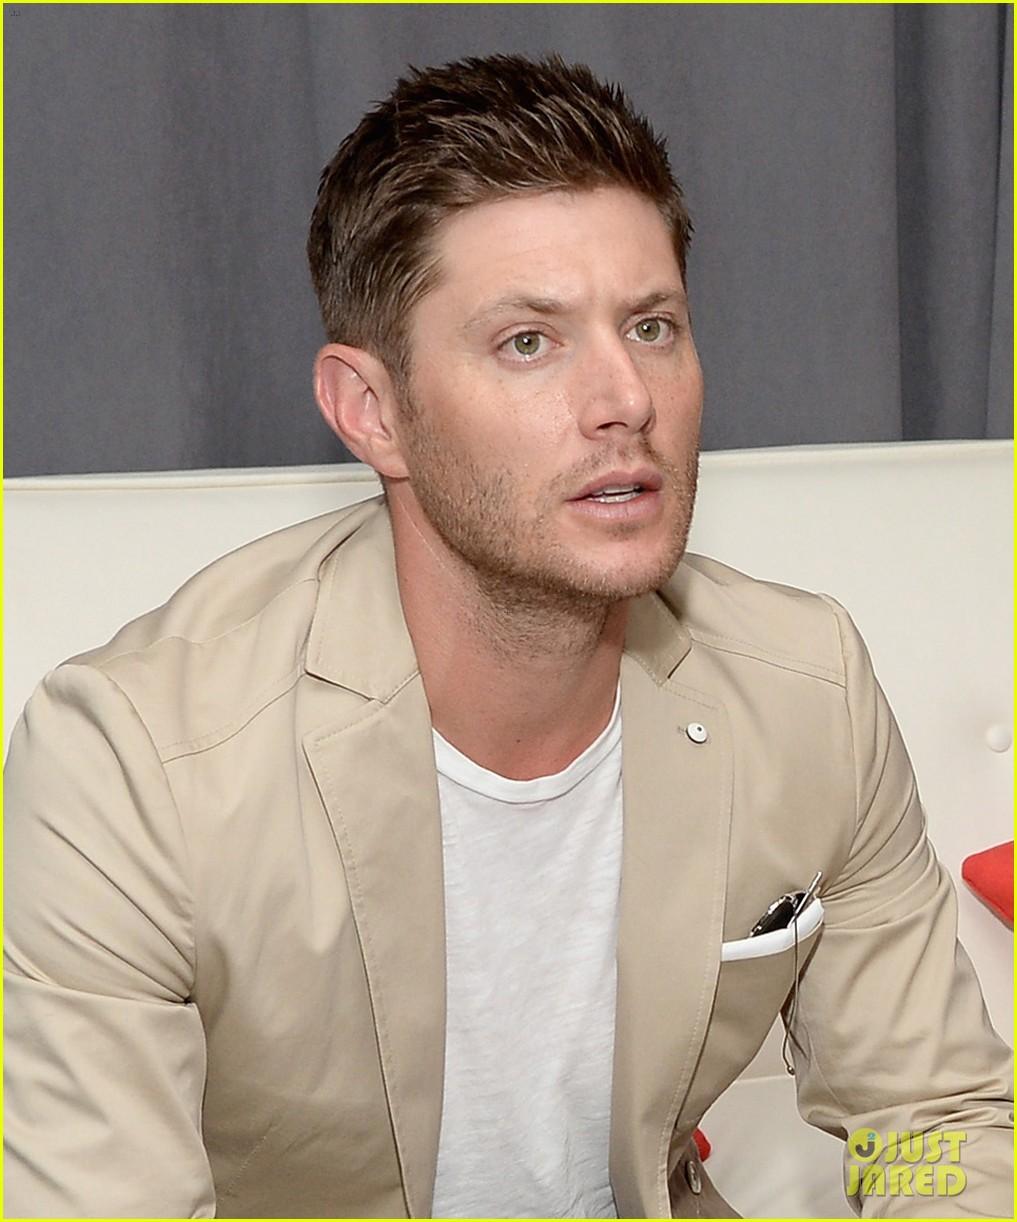 Jensen Ackles (Supernatural) - Página 179